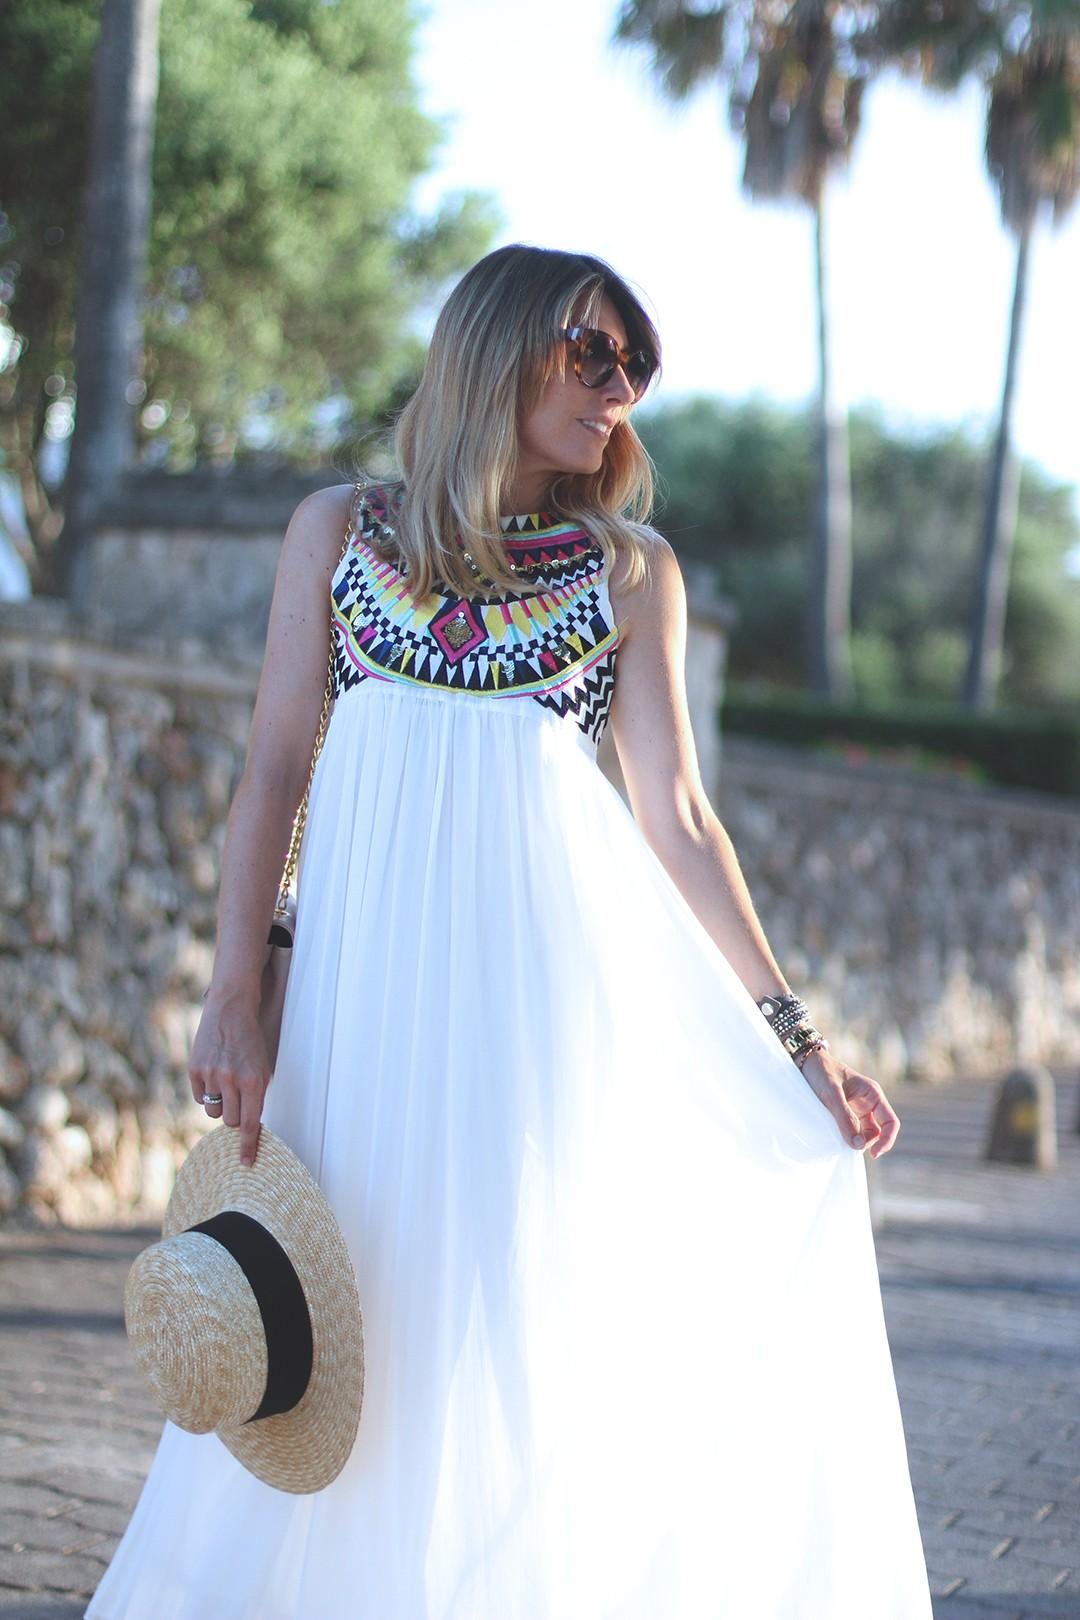 white-dress-blogger-monica-sors-mvap